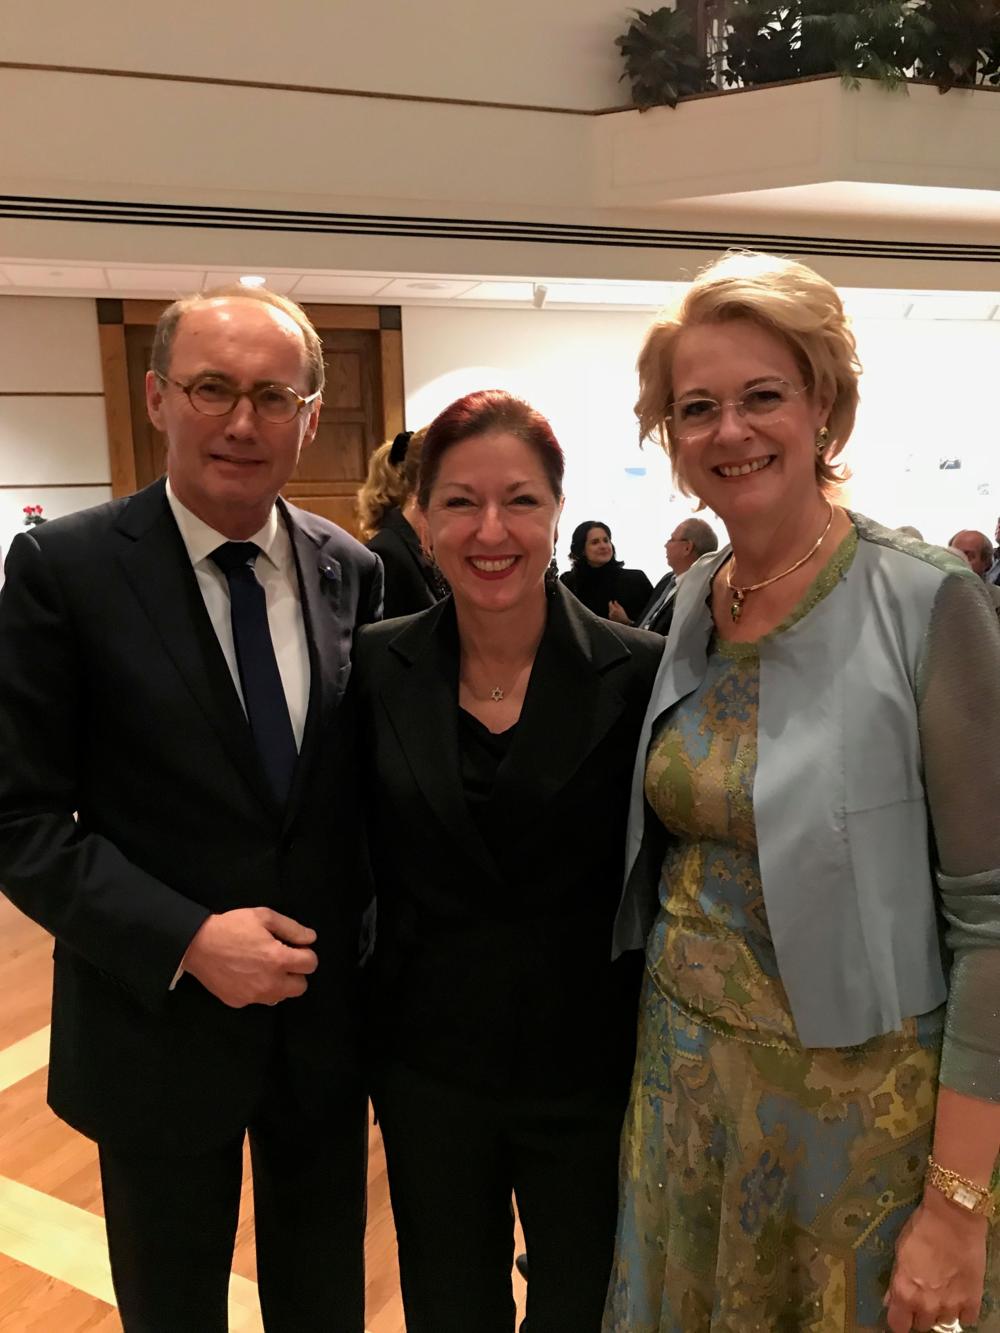 With Othmar and Christa Karas